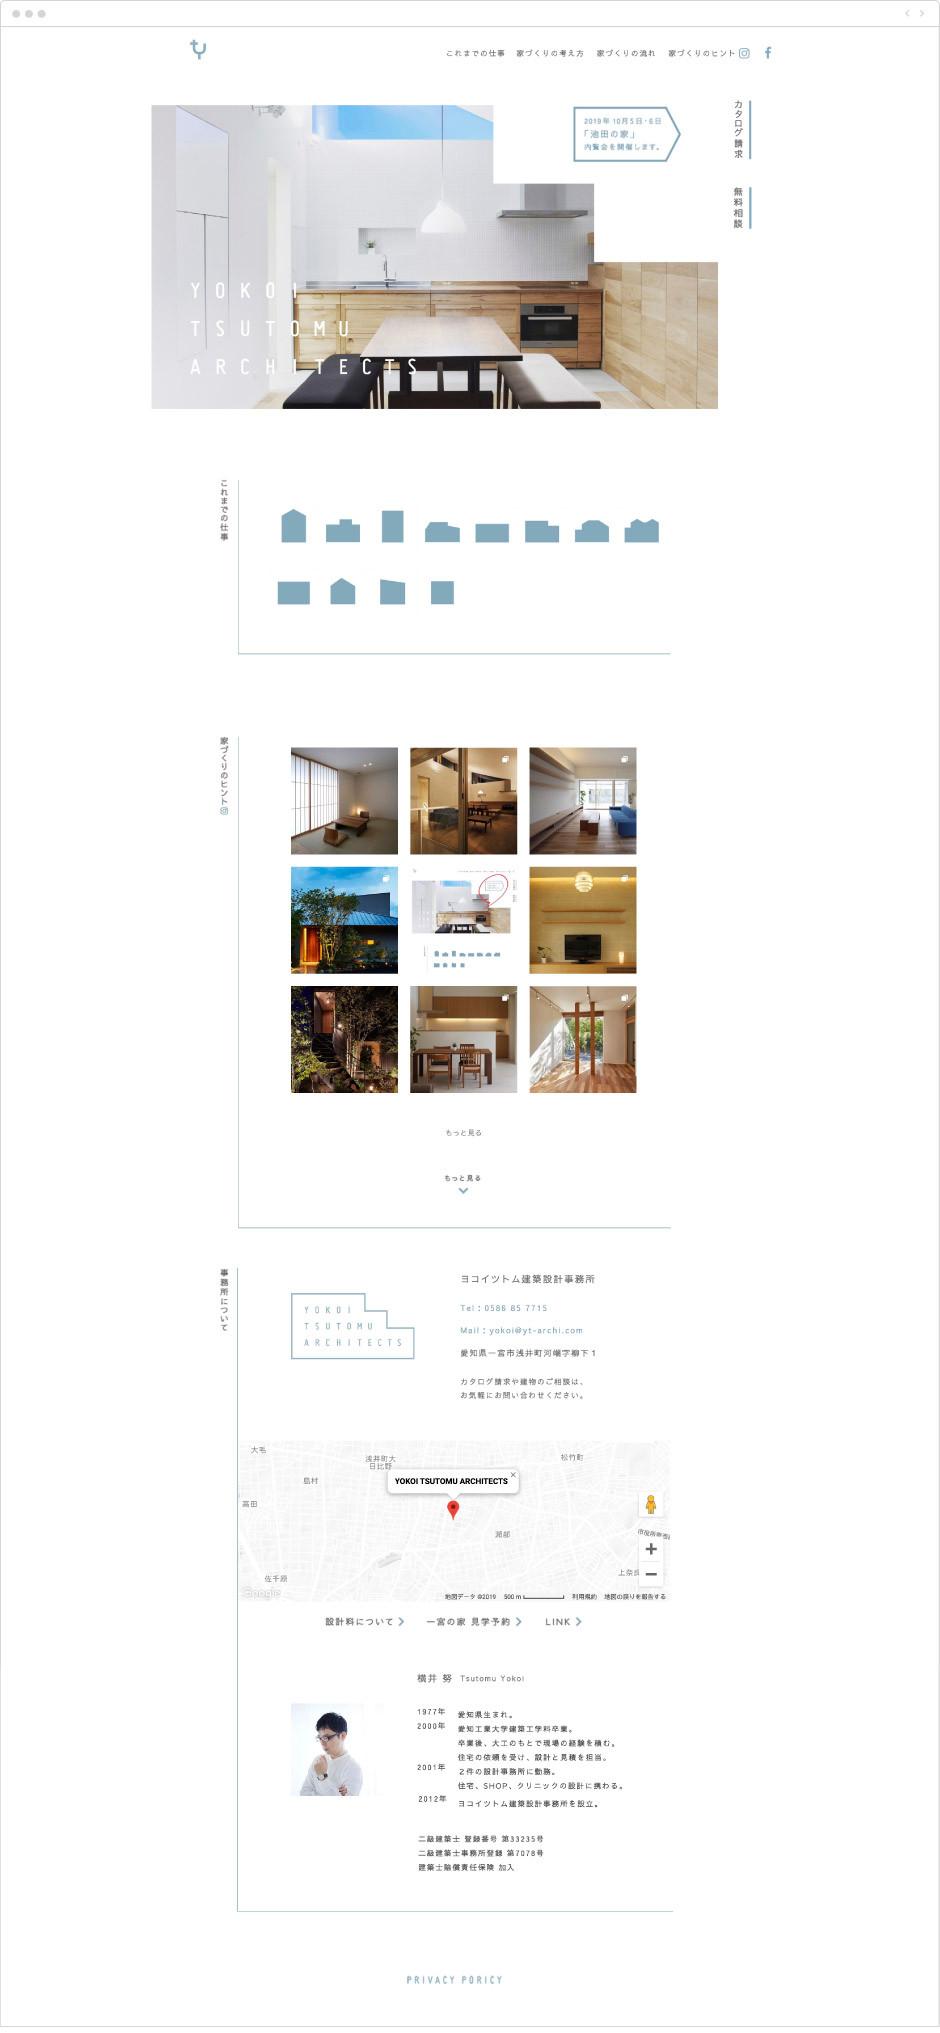 ヨコイツトム建築設計事務所のホームページ